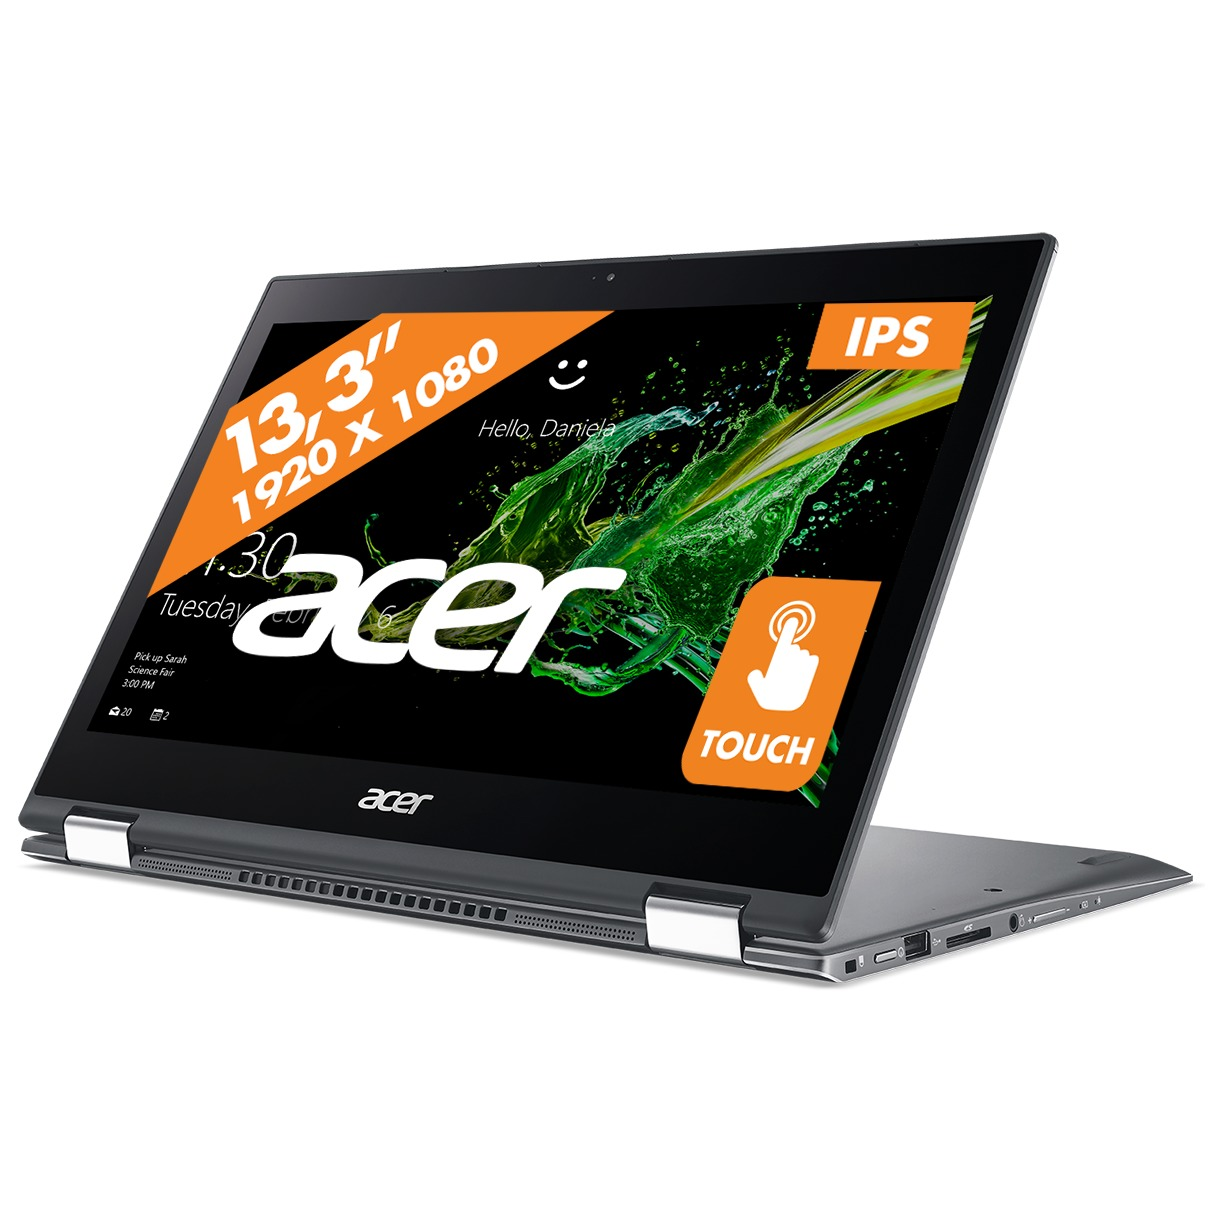 Afbeelding van Acer 2-in-1 laptop Spin 5 SP513-52N-5210